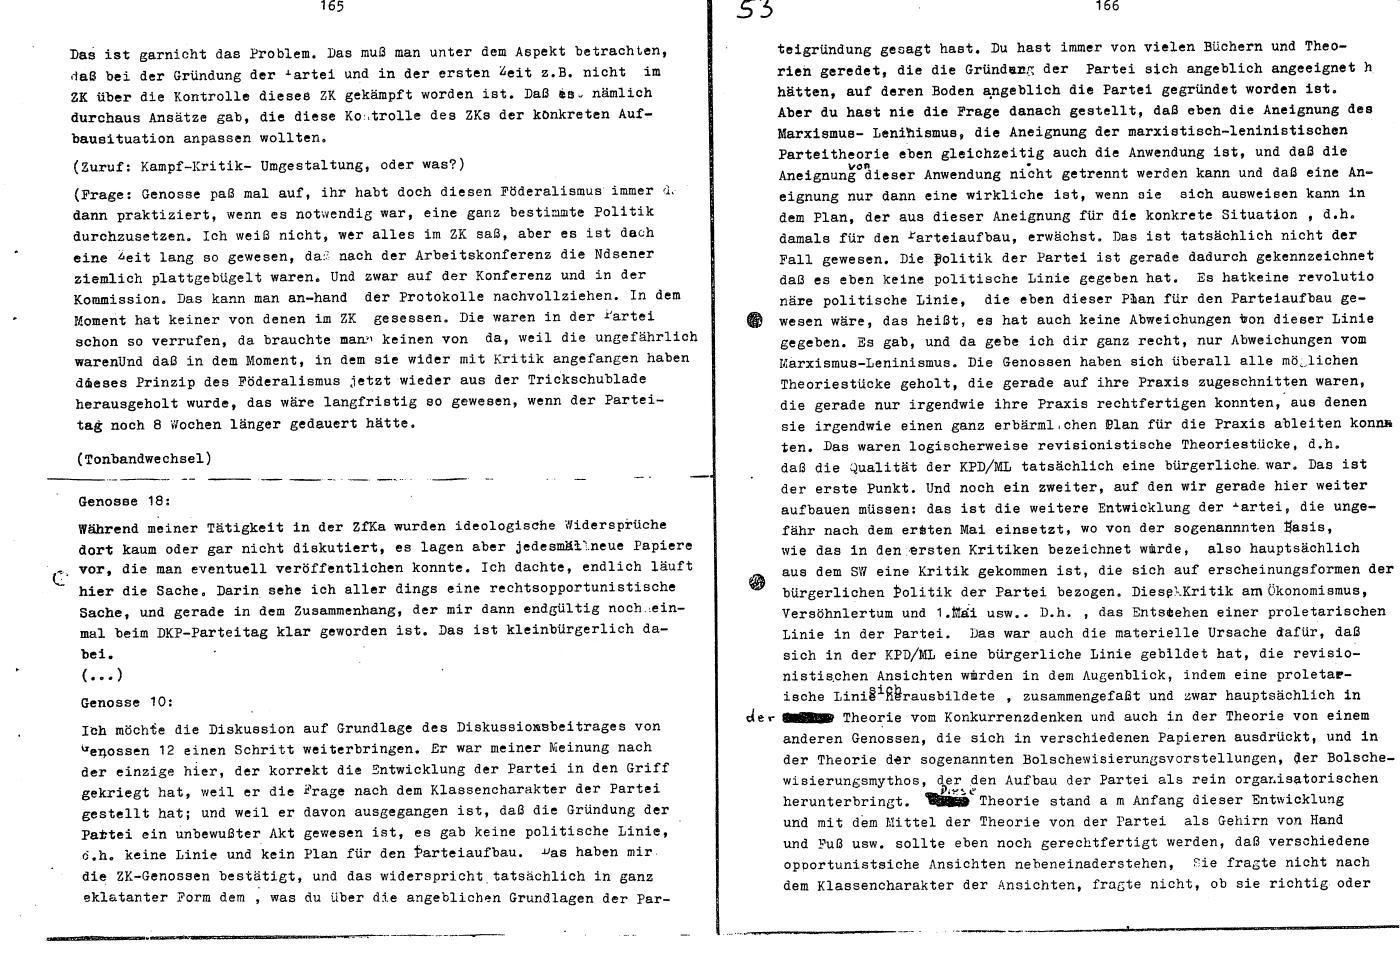 KPDML_1971_Wortprotokolle_aoPt_105